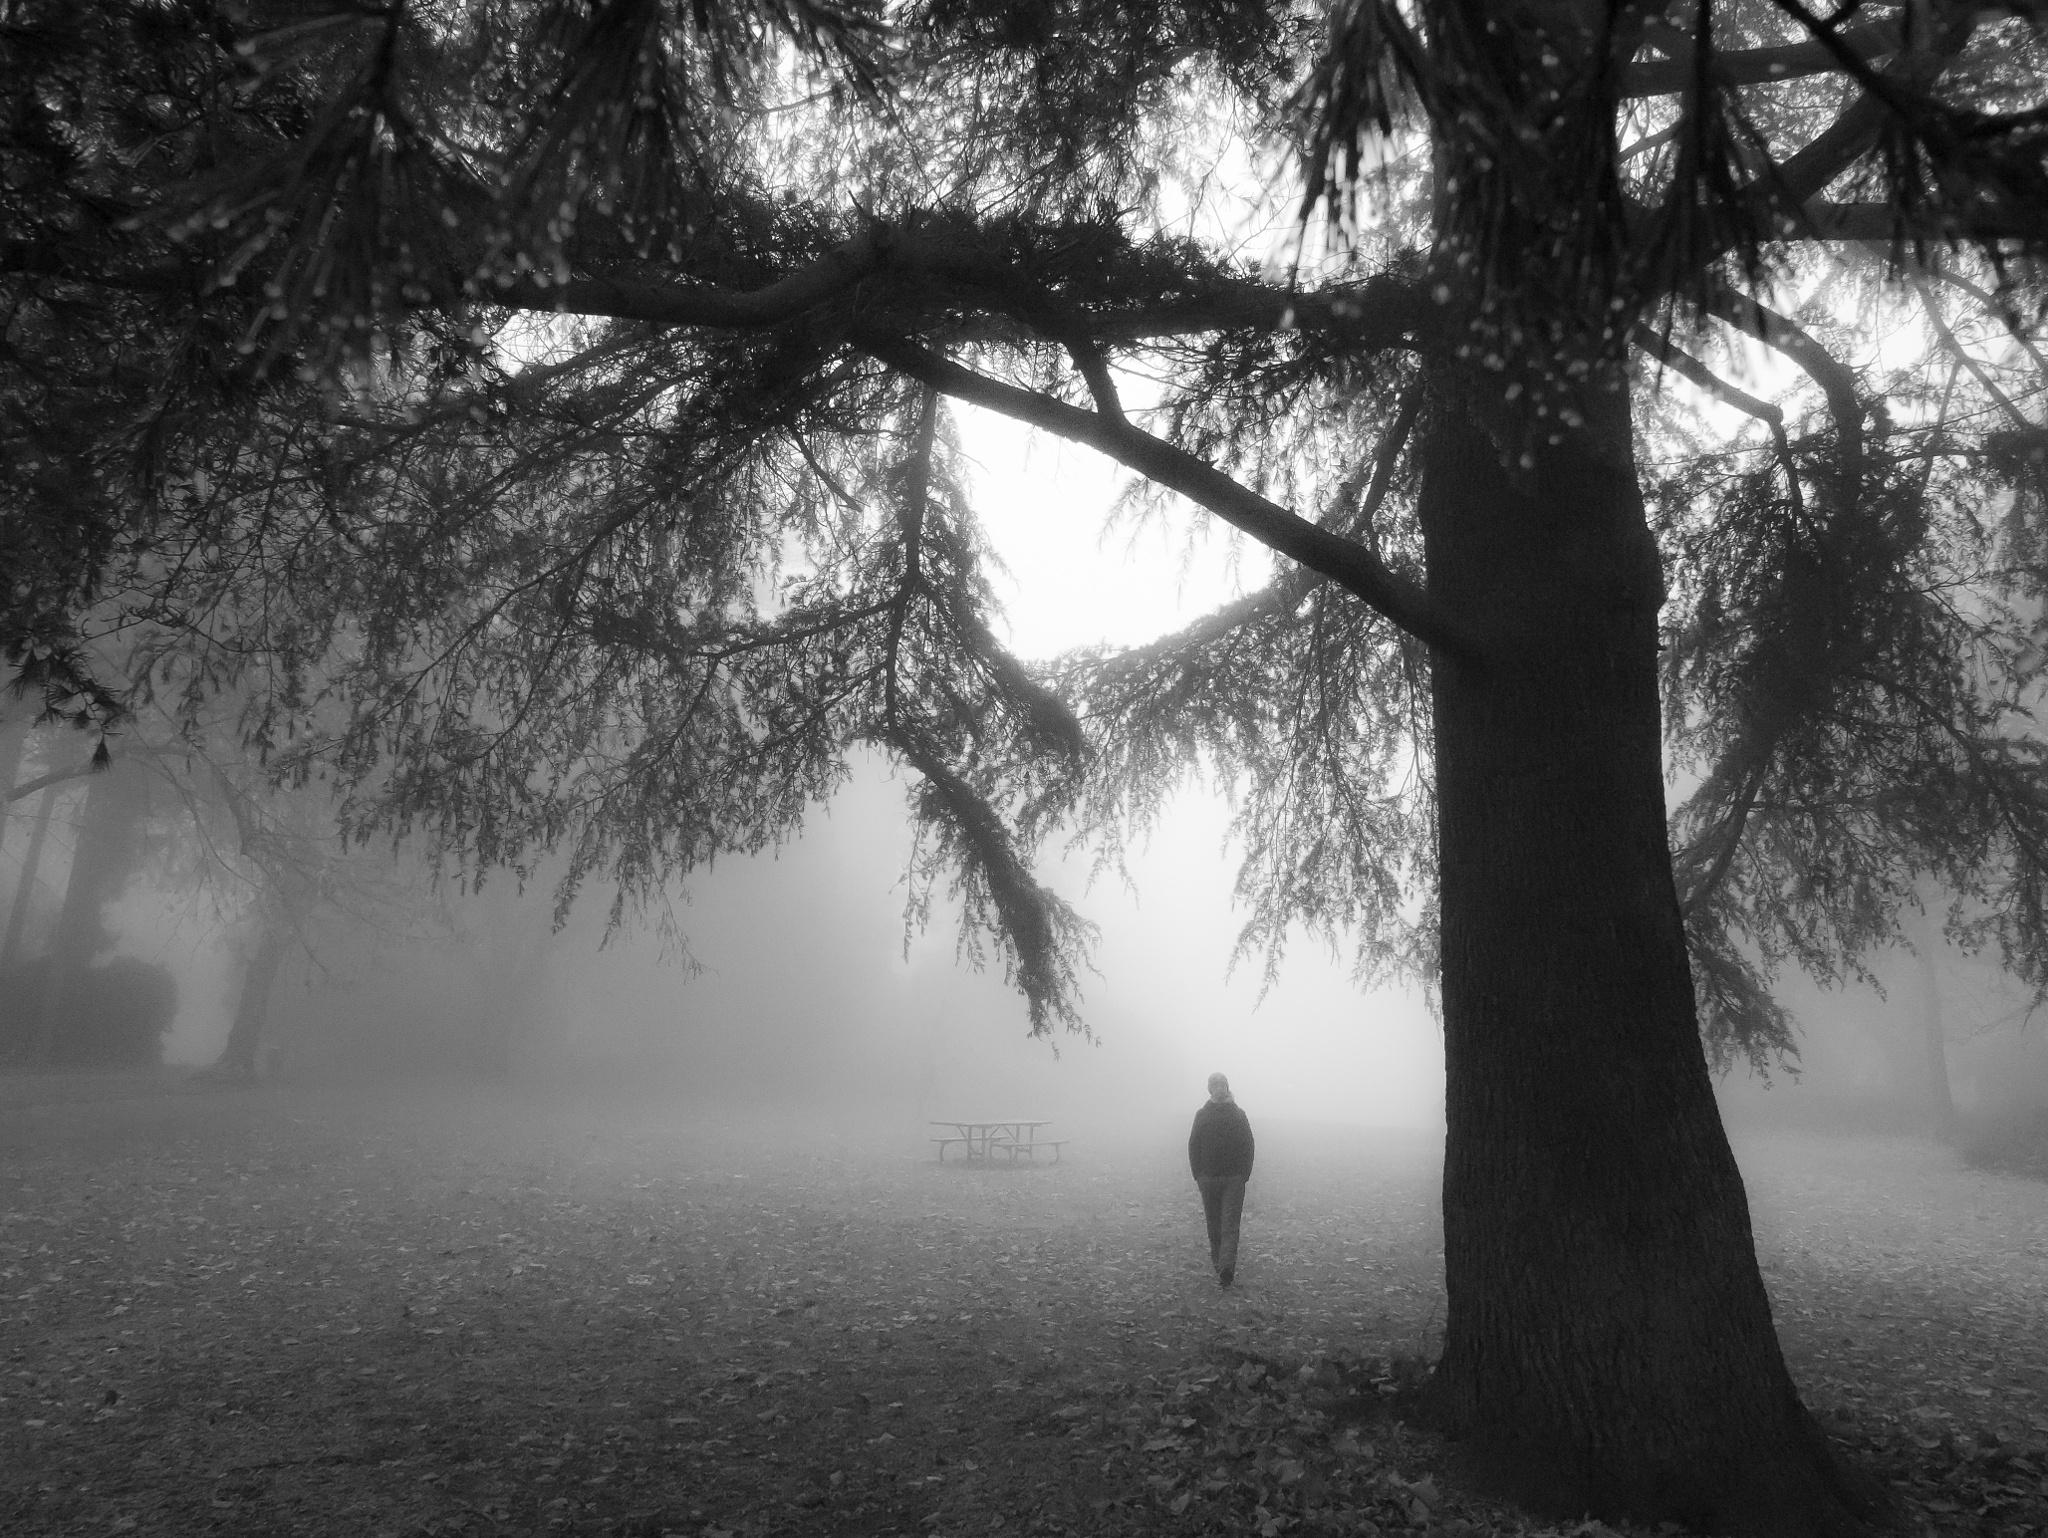 Foggy morning by Karolina Trapp